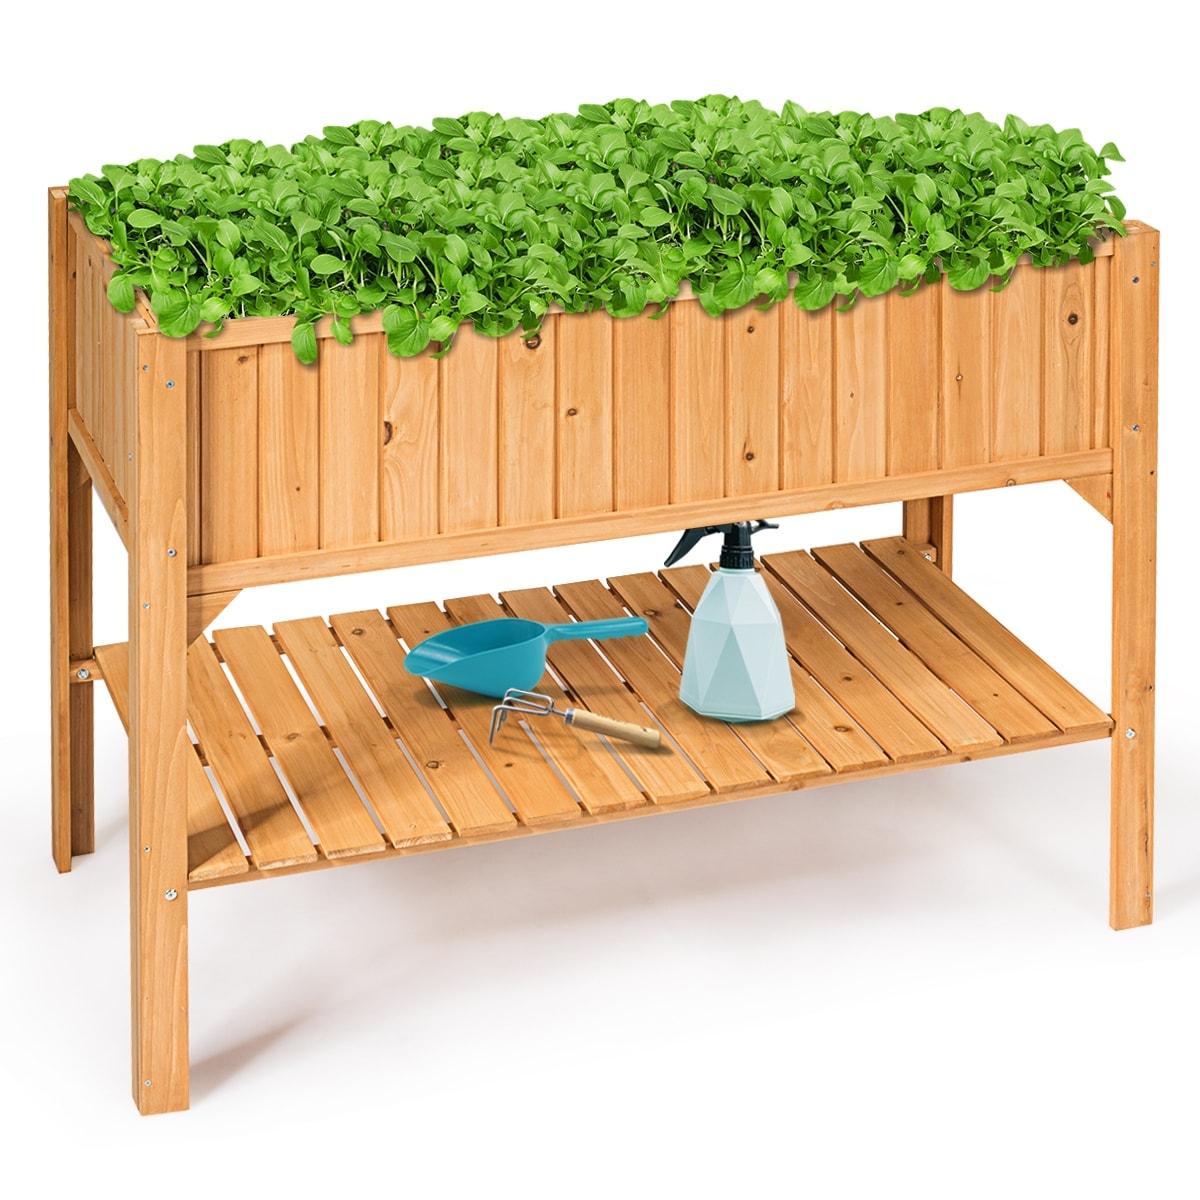 Shop Raised Garden Bed Elevated Planter Box Shelf Standing Garden